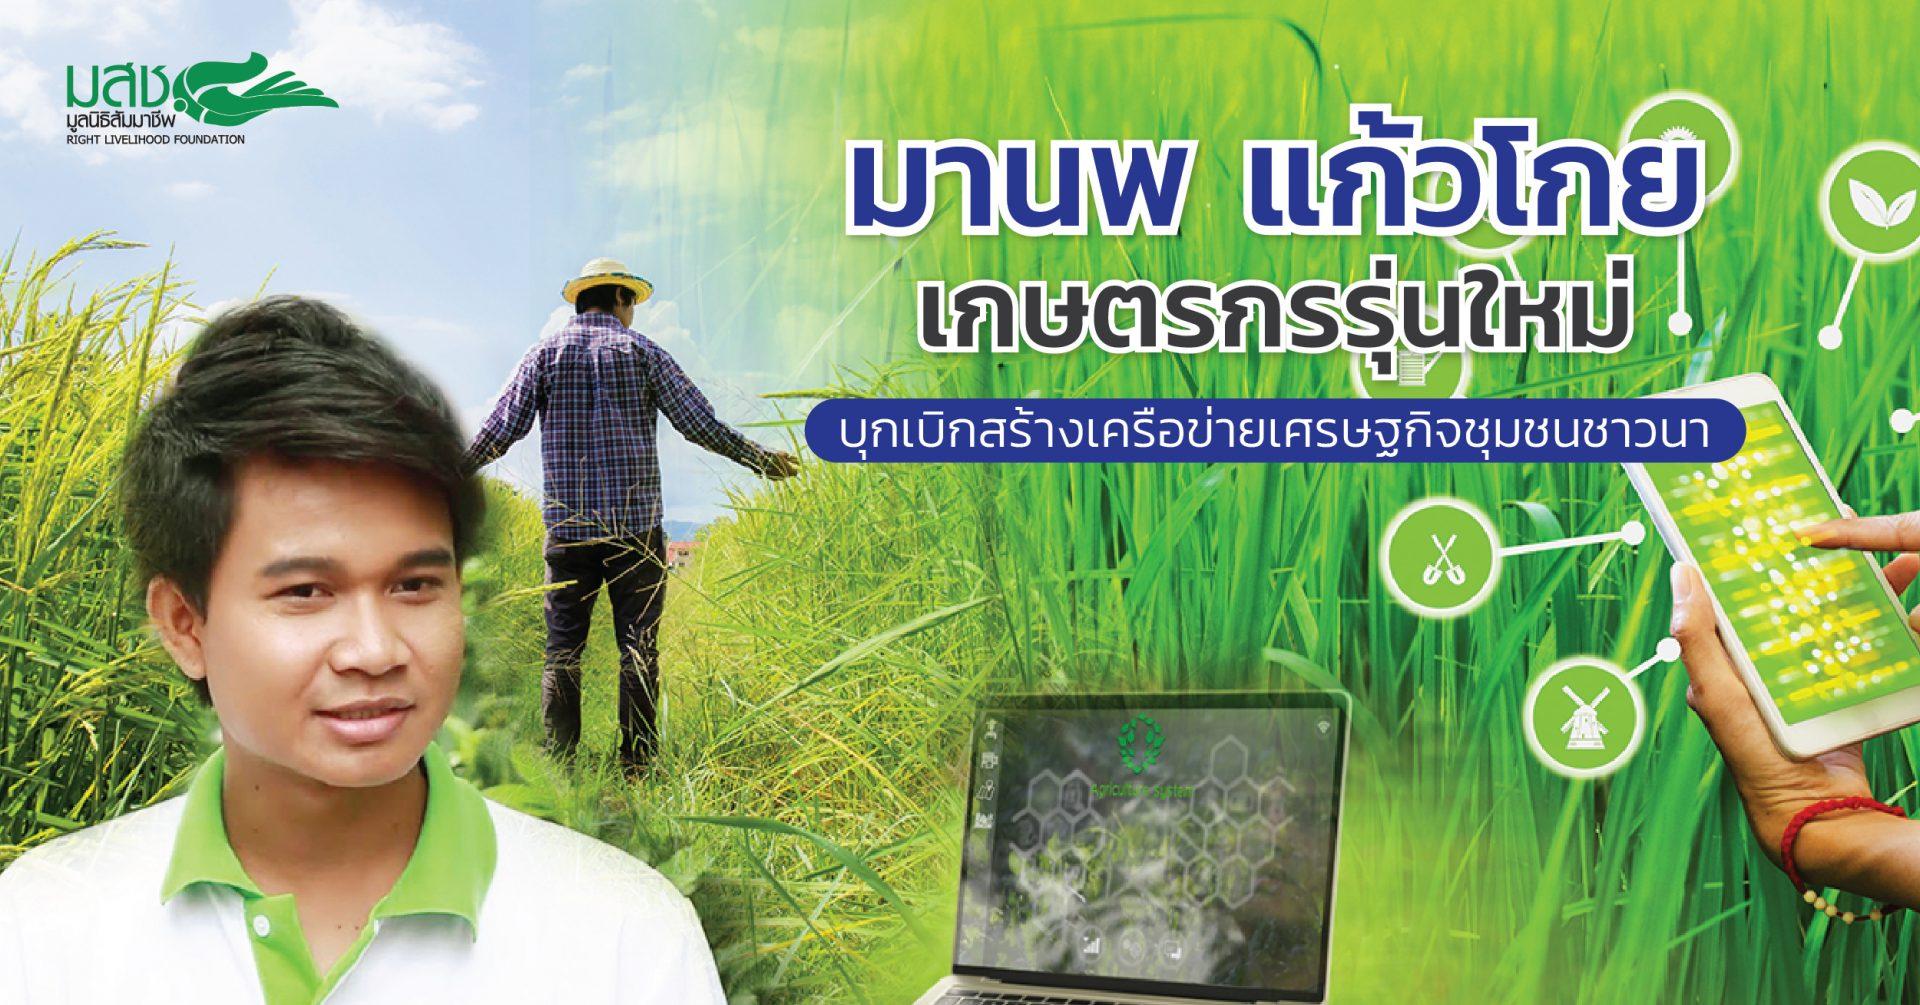 มานพ แก้วโกย: เกษตรกรรุ่นใหม่ บุกเบิกสร้างเครือข่ายเศรษฐกิจชุมชนชาวนา